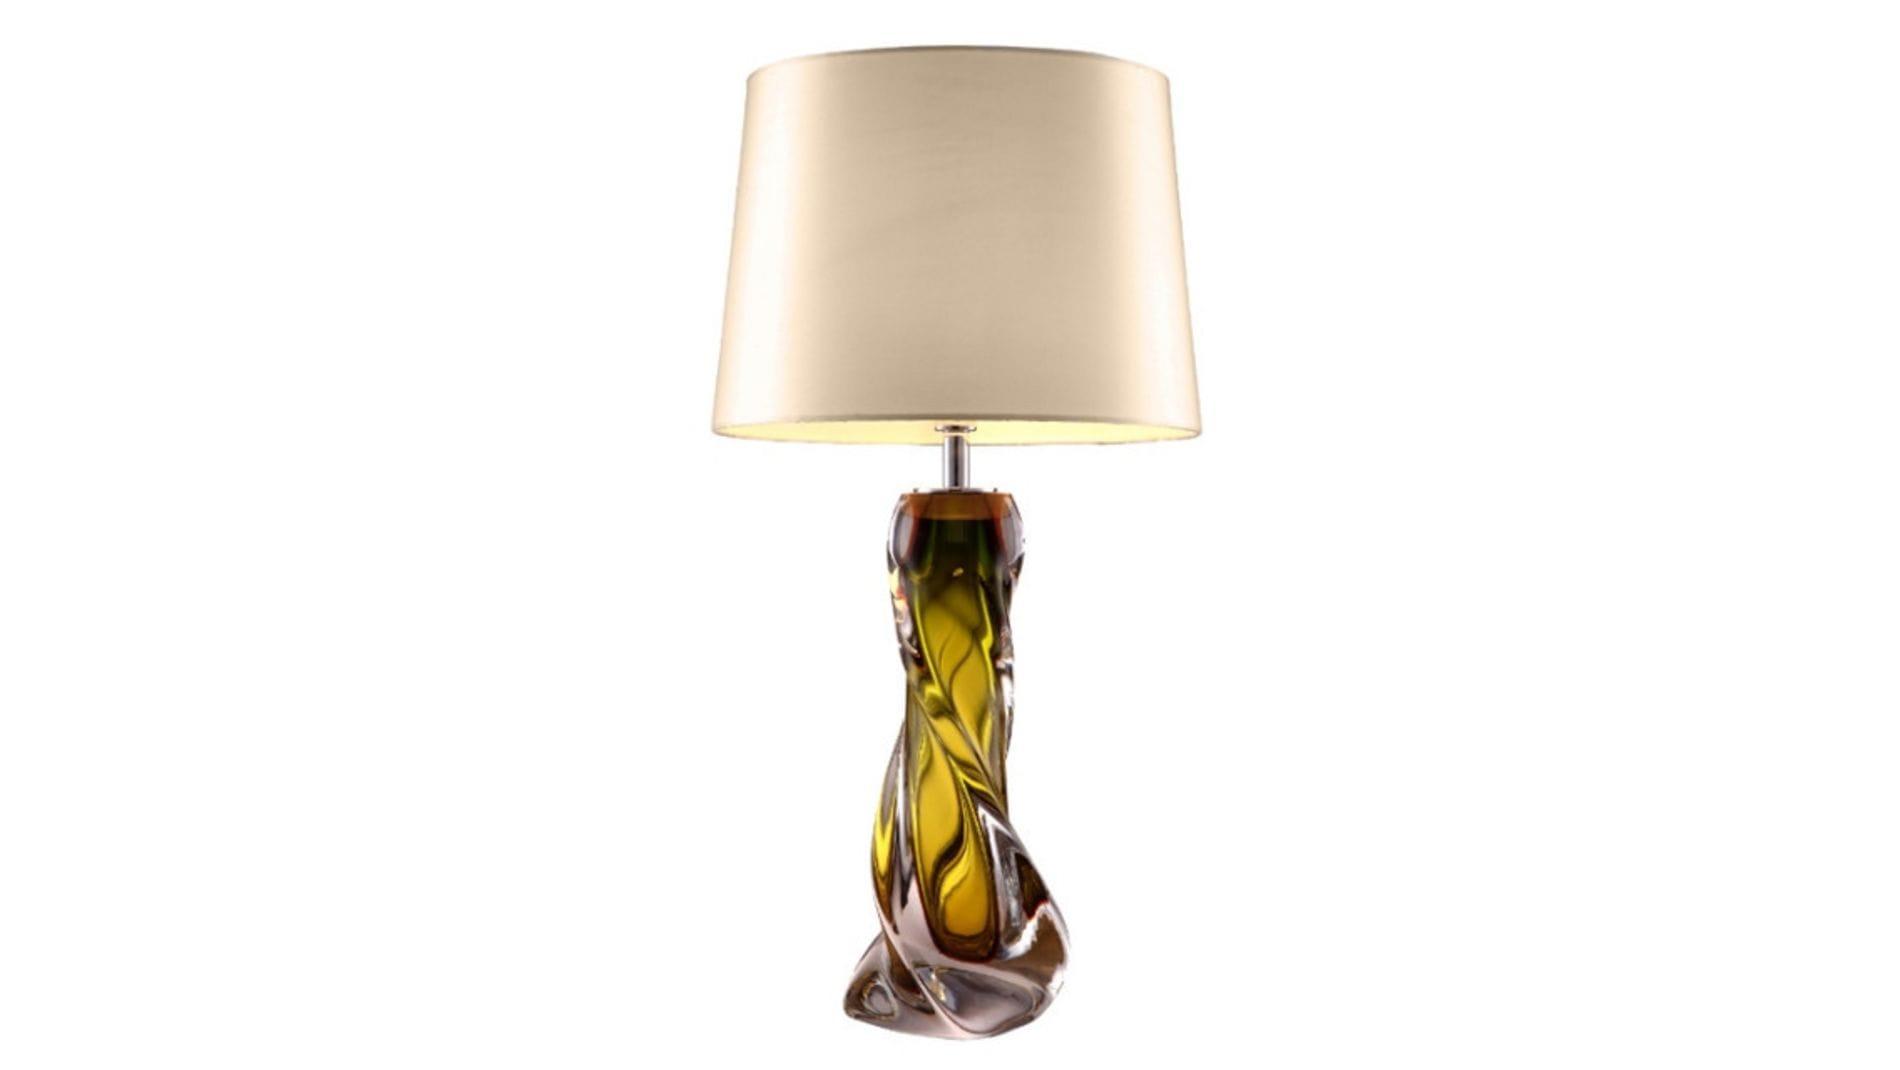 Настольная лампа Oriana - только основание